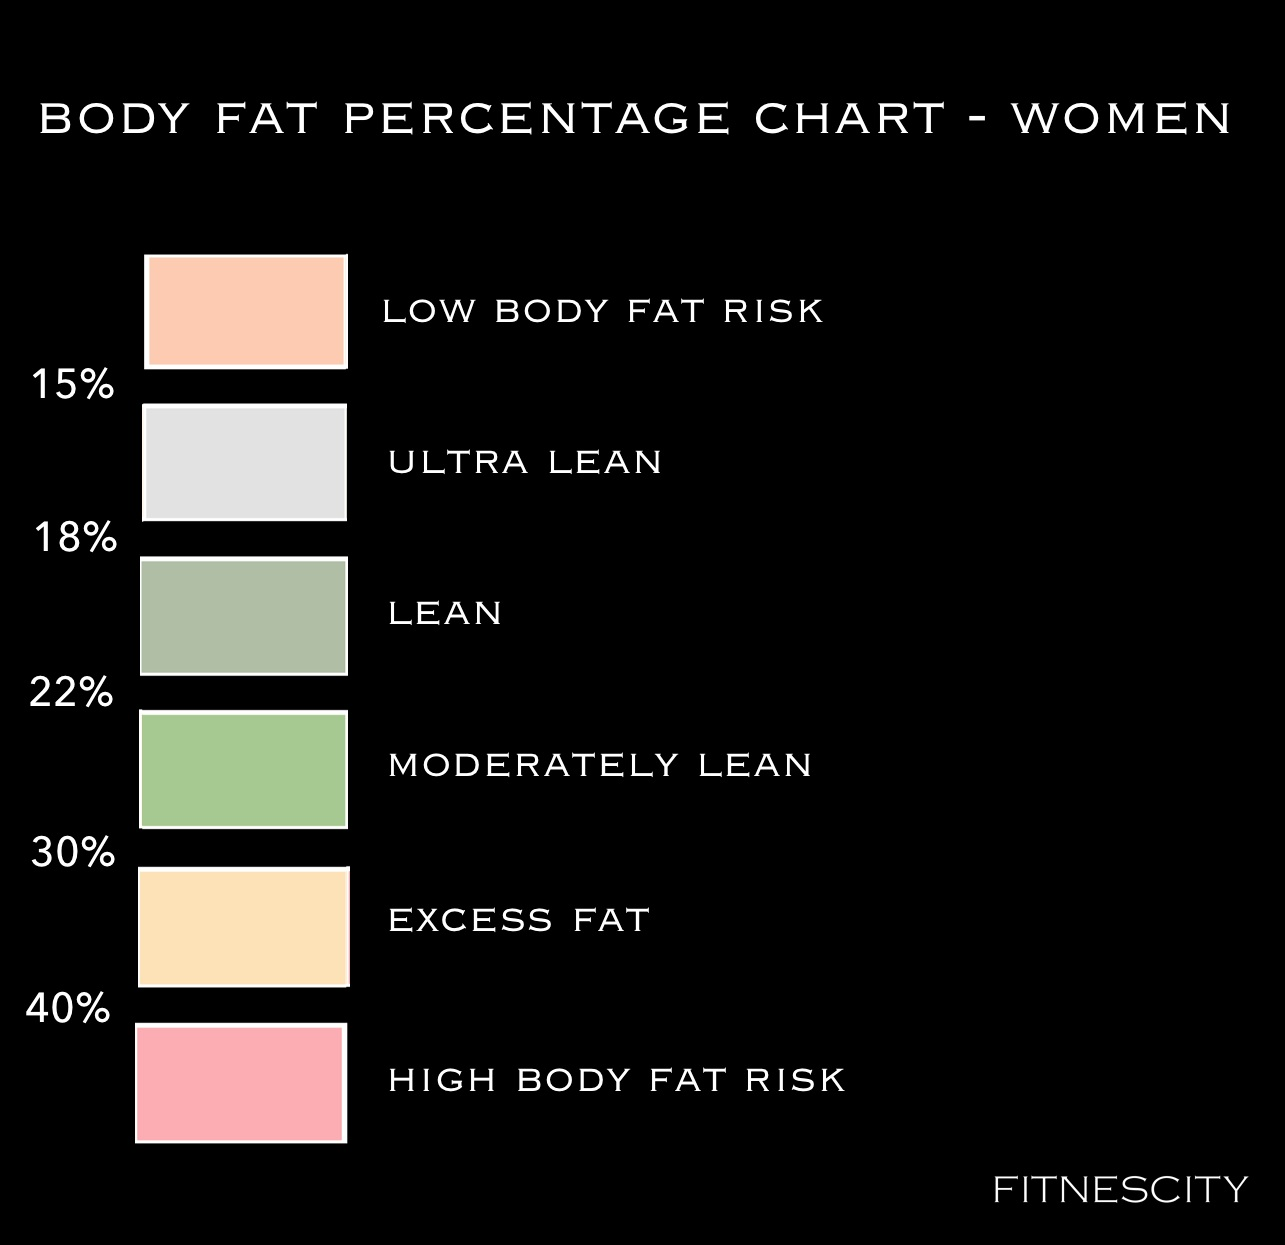 FITNESCITY+-+BODY+FAT+CLASSIFICATION+FOR+WOMEN+-+SQ.jpg